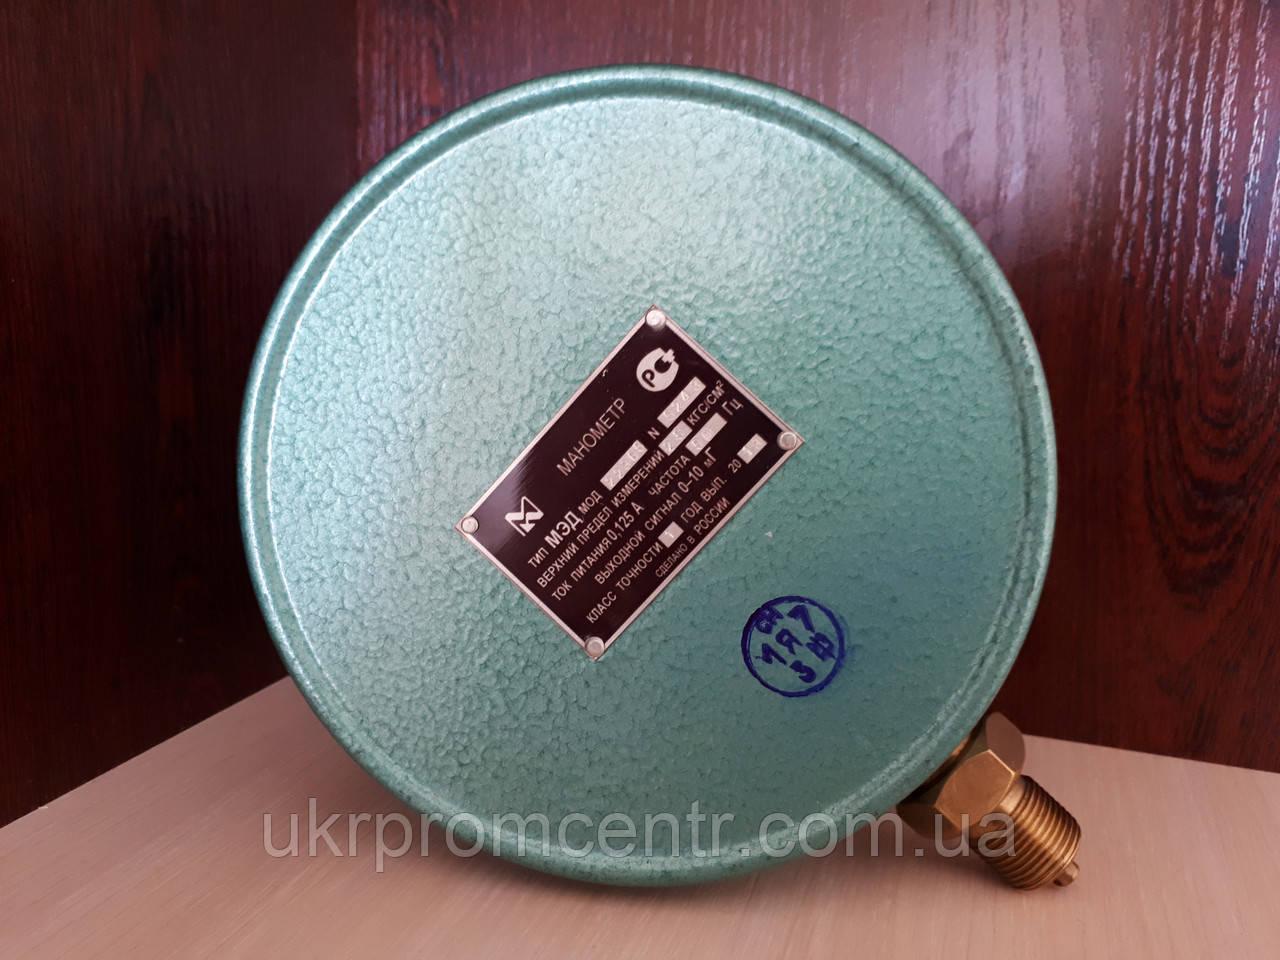 Перетворювач тиску (манометр, вакуумметр, мановакуметр) ПЕД 22364, 22365